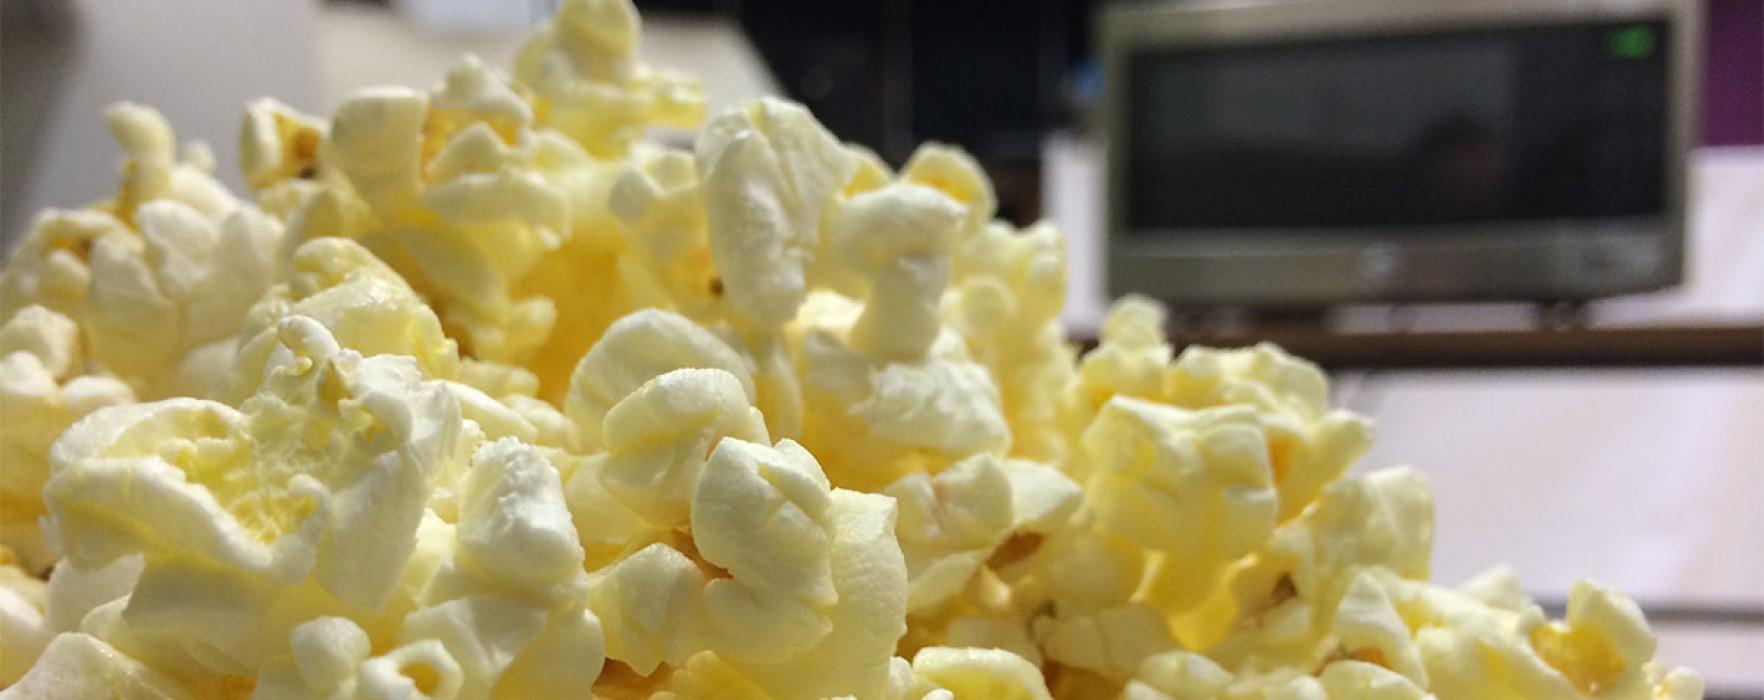 Popcornul la microunde îți poate distruge plămânii